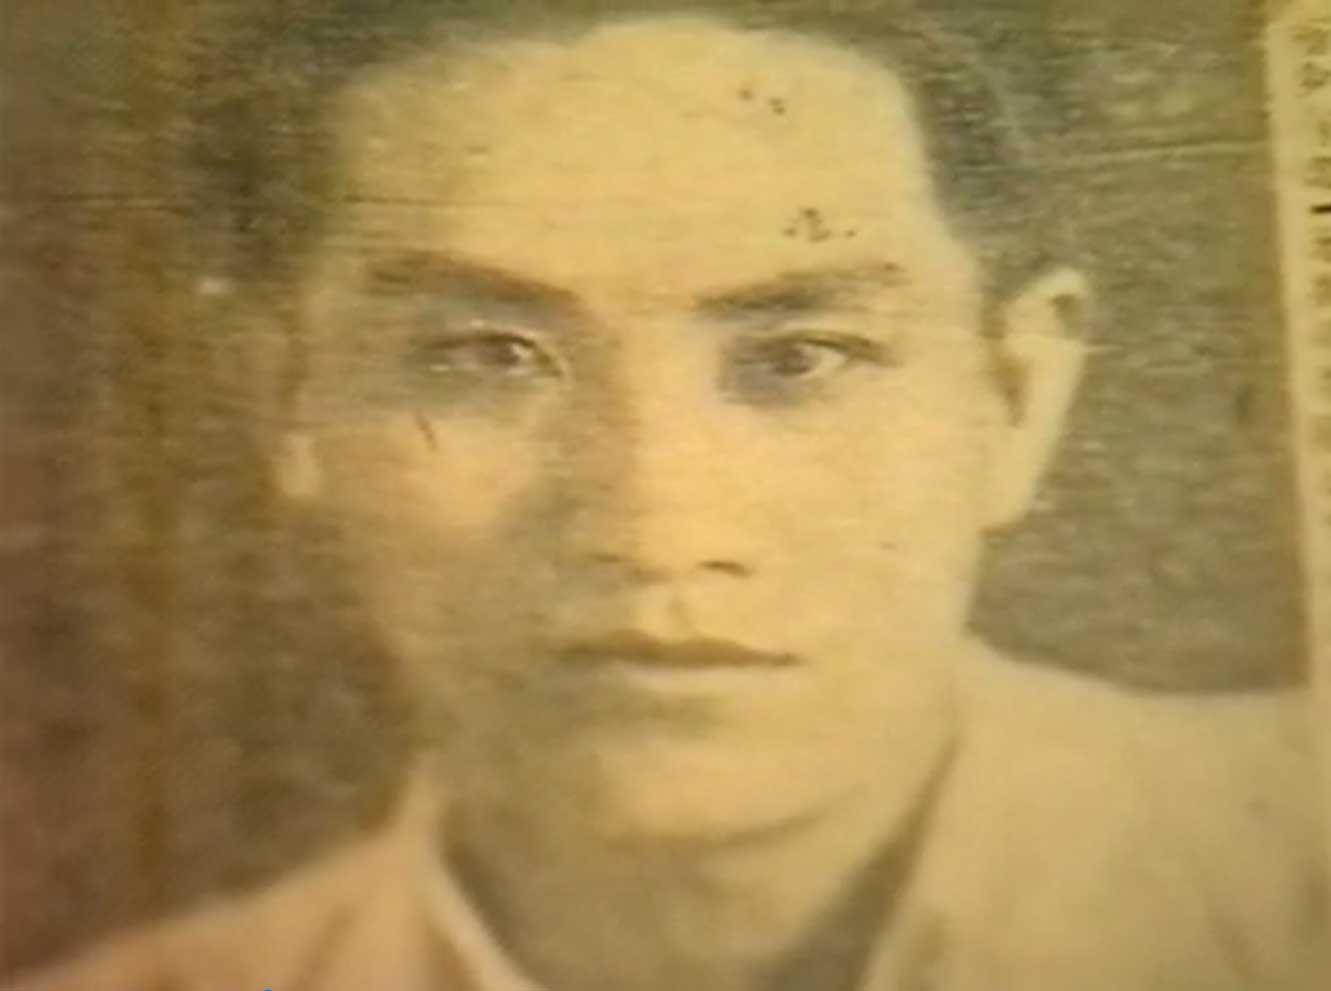 Chen Wen Hsi Younger Days